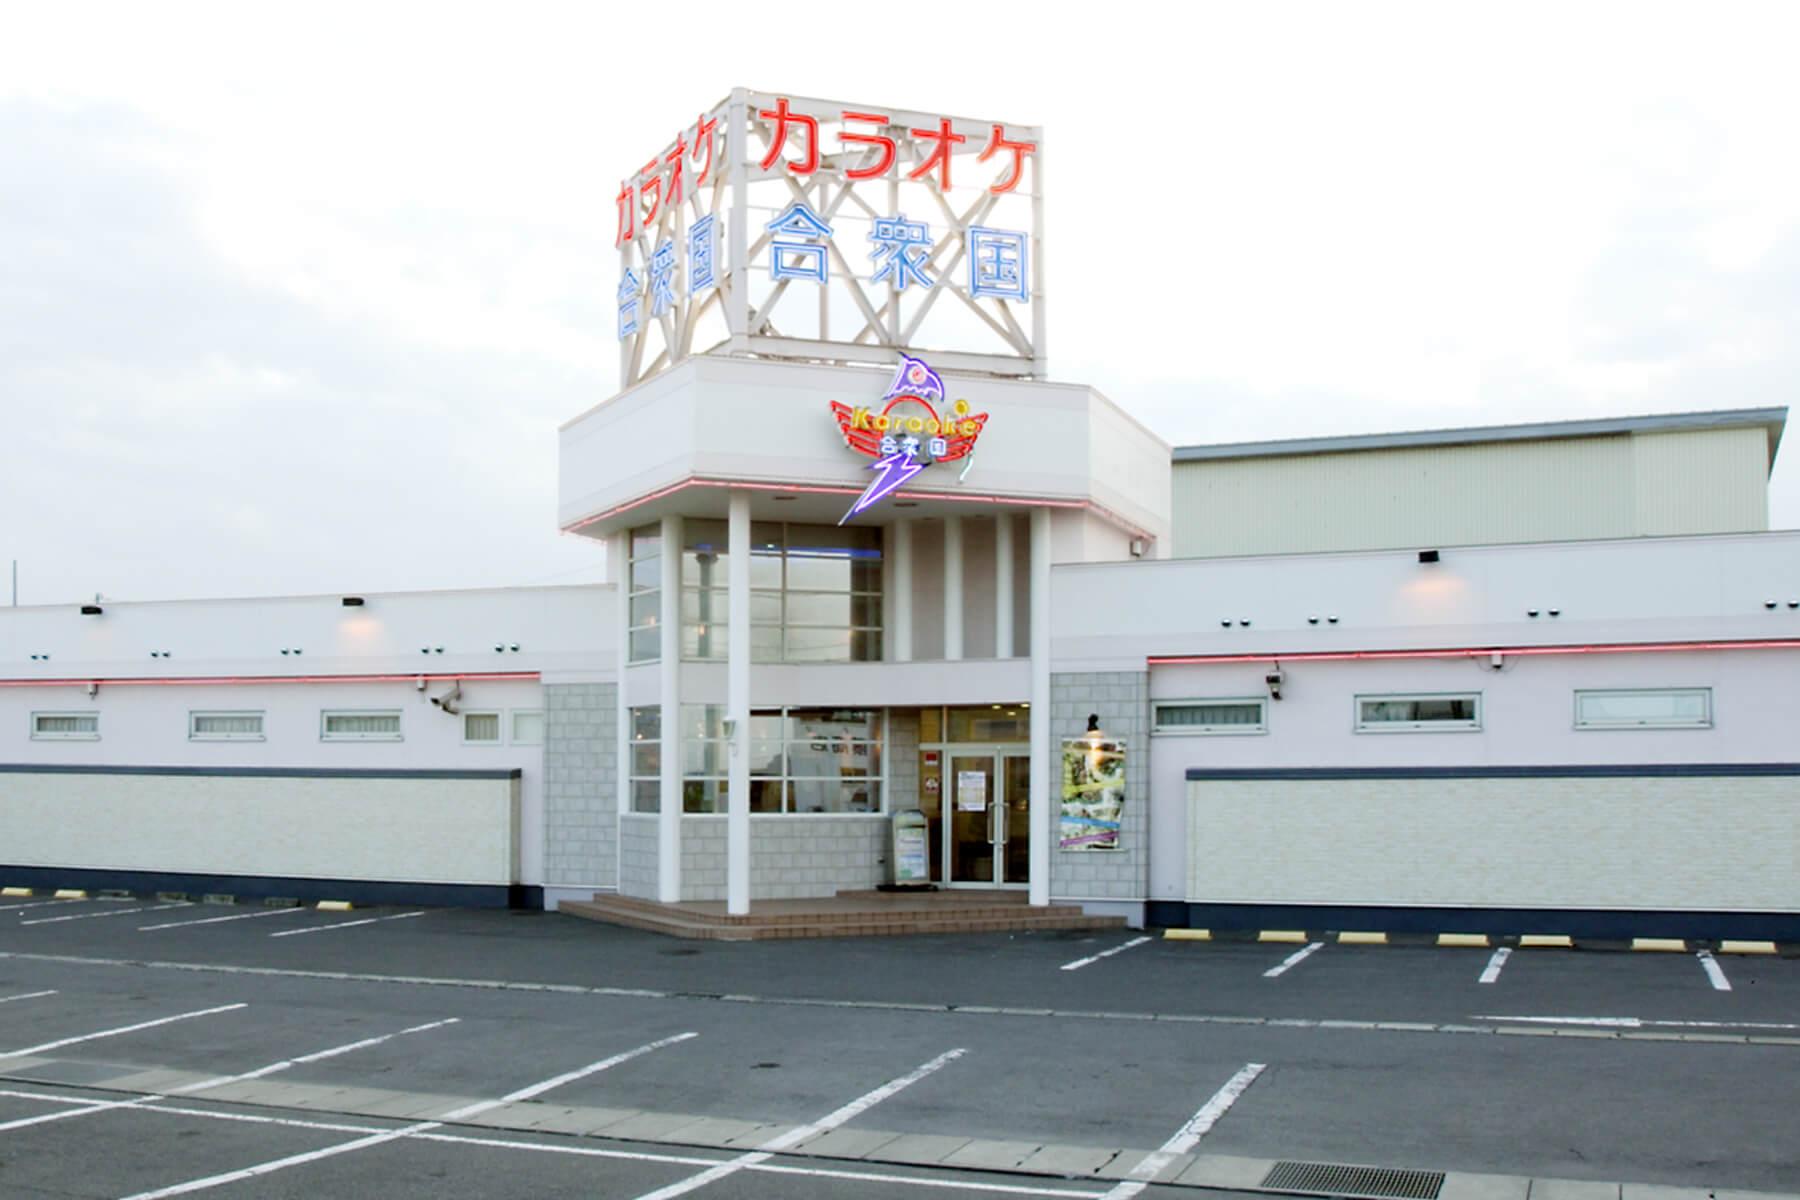 カラオケ合衆国 五所川原店のイメージ